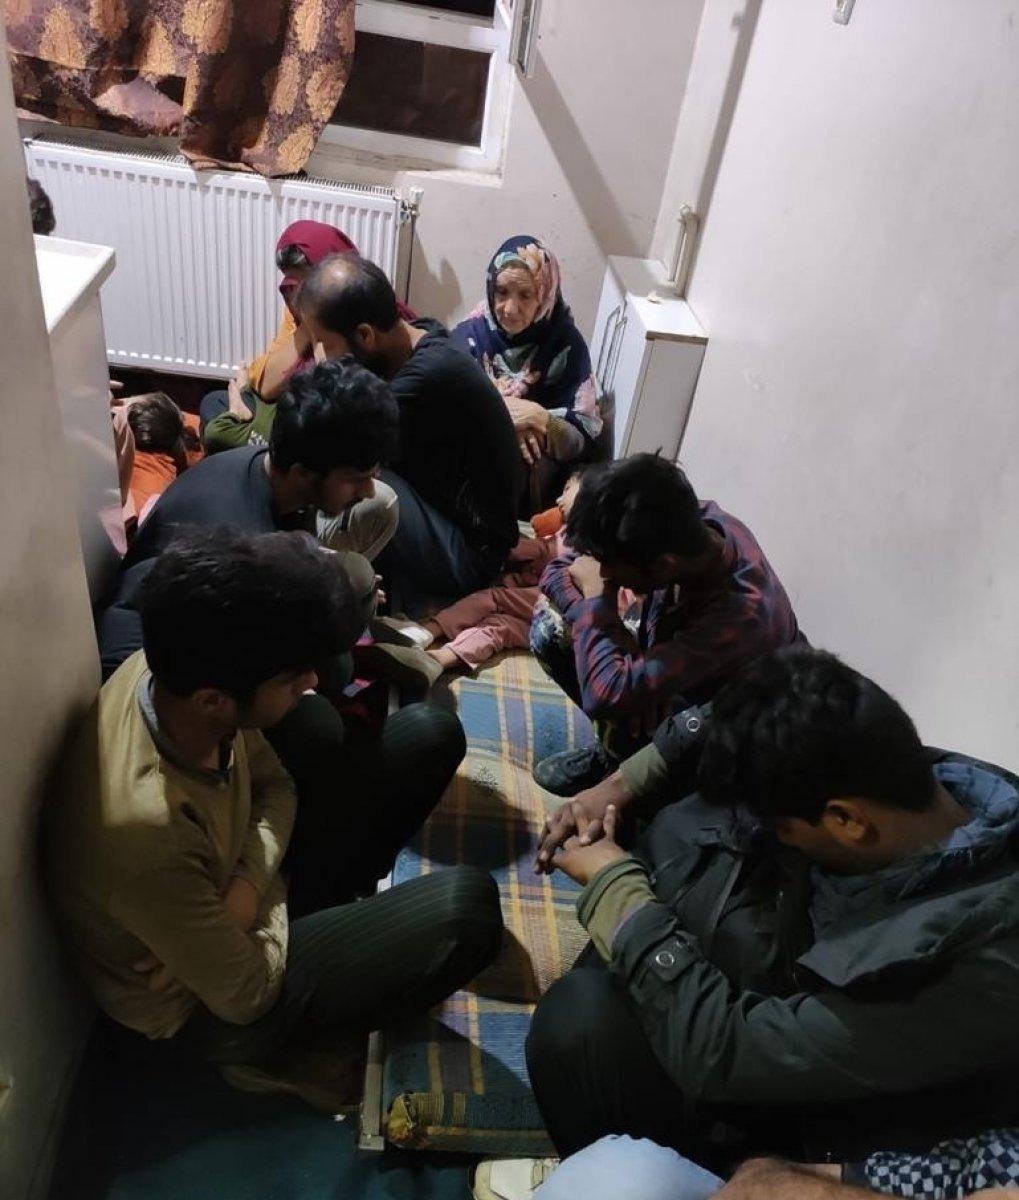 Van da 4 katlı binada 78 kaçak göçmen yakalandı #3